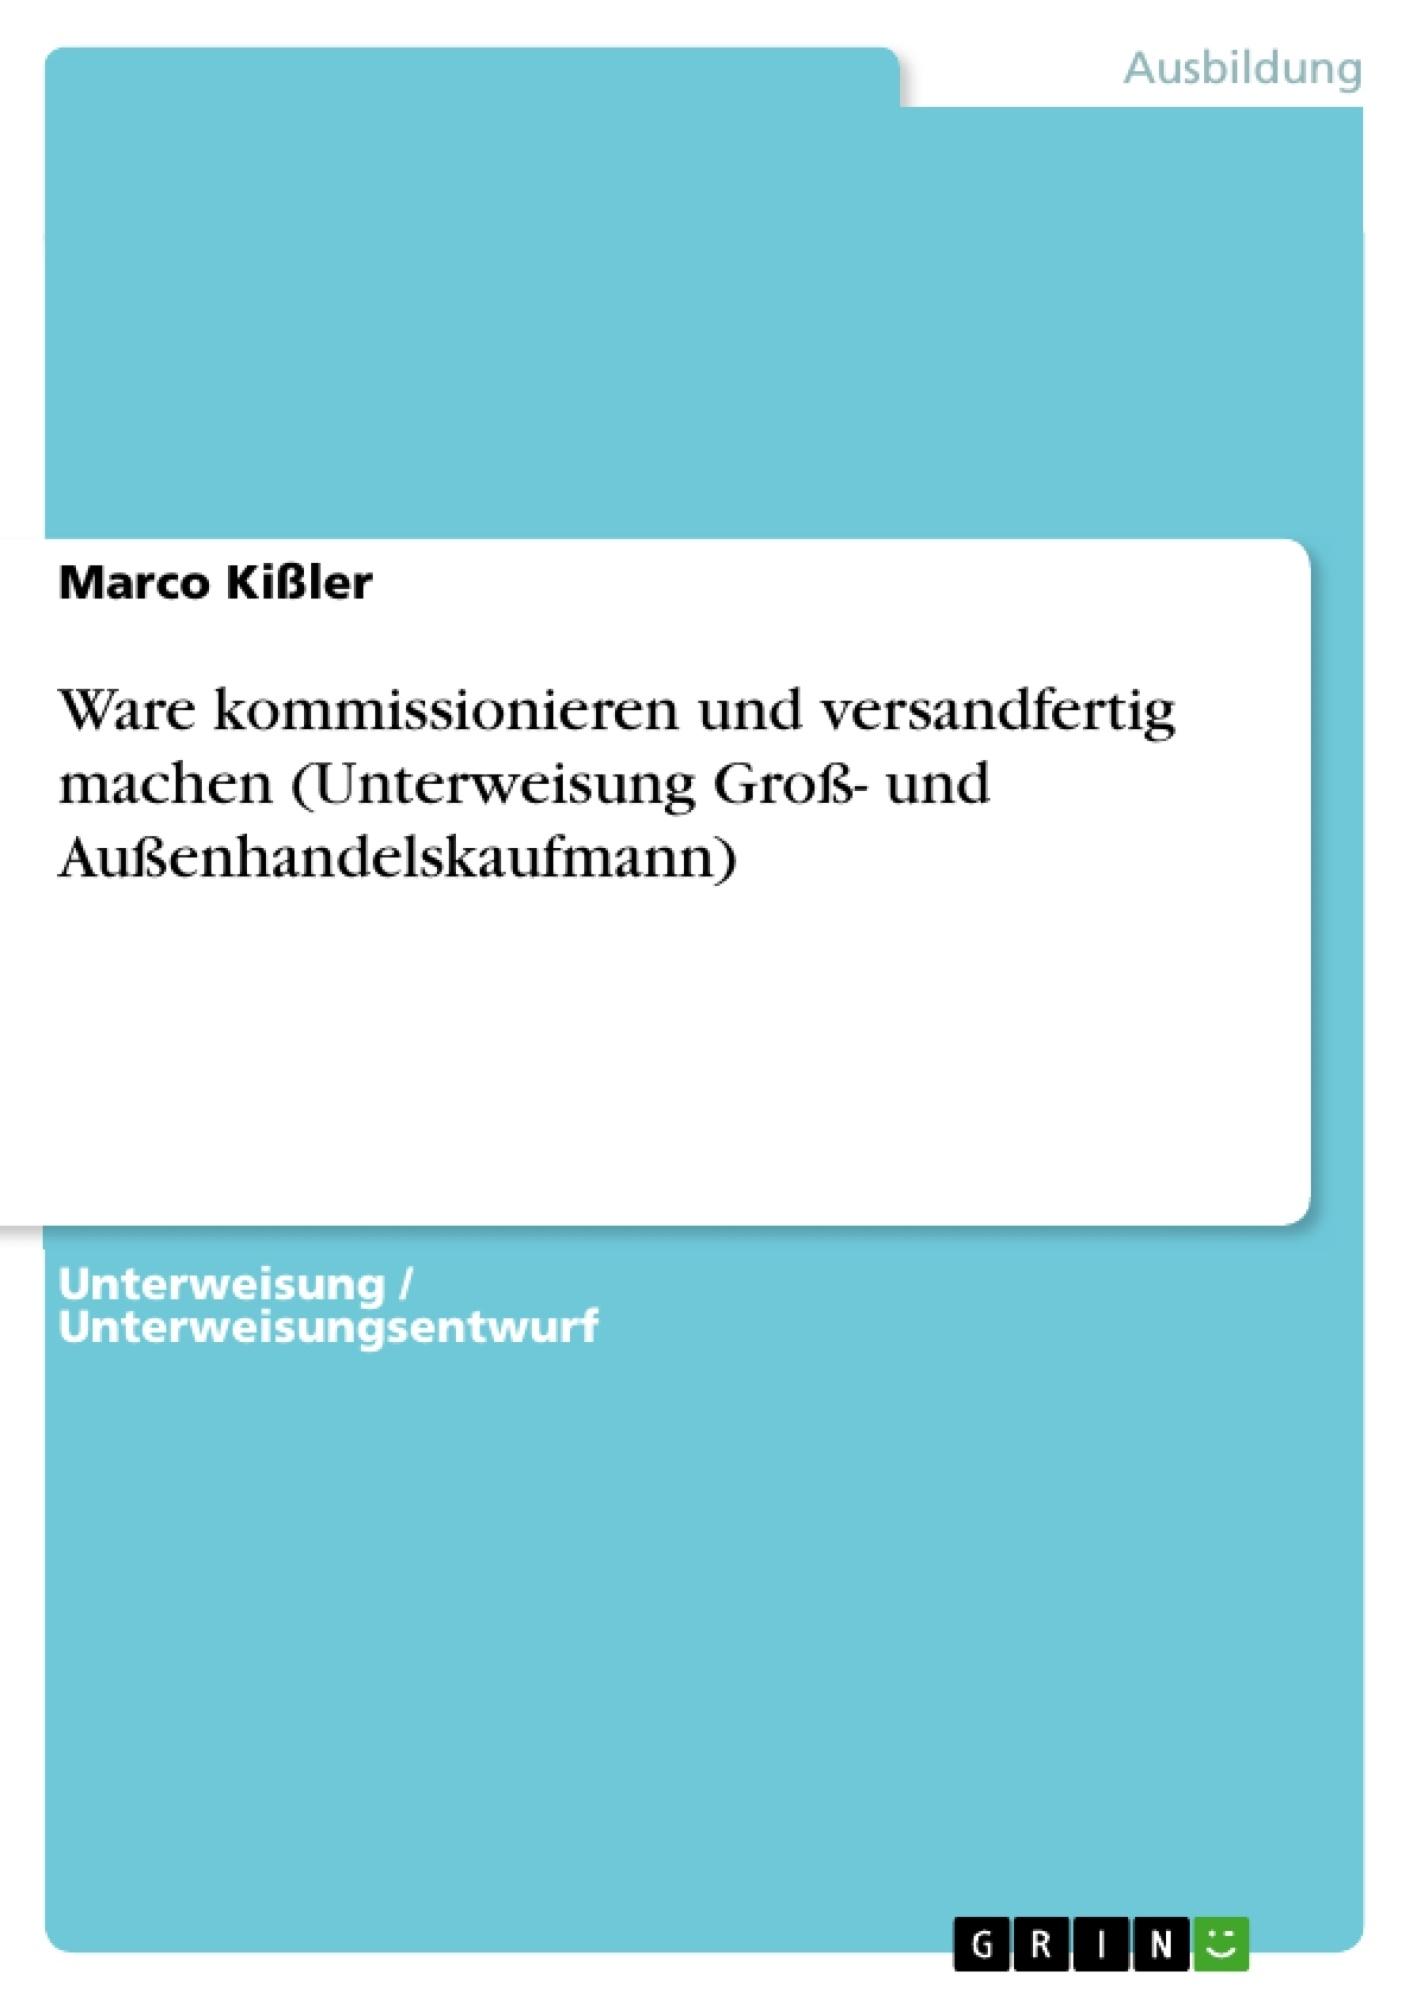 Titel: Ware kommissionieren und versandfertig machen (Unterweisung Groß- und Außenhandelskaufmann)